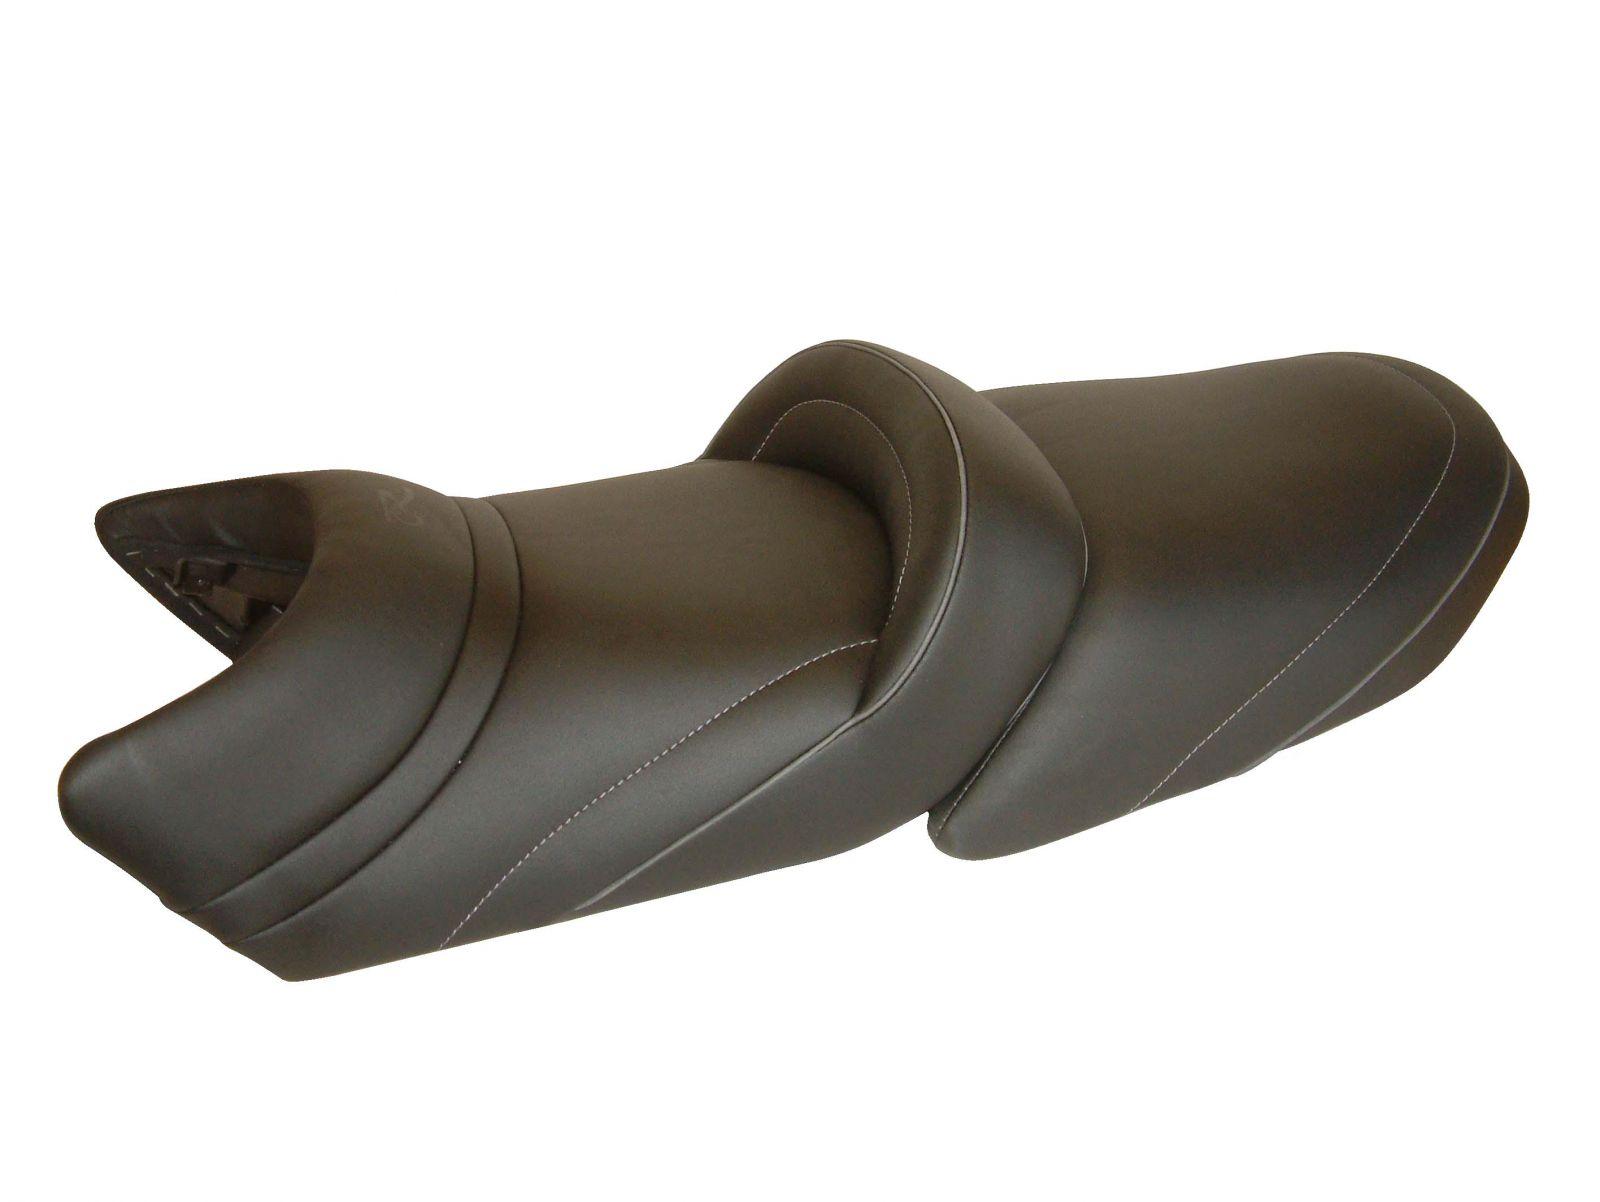 Sella Grande Confort SGC3257 - YAMAHA FJR 1300 [2001-2005]